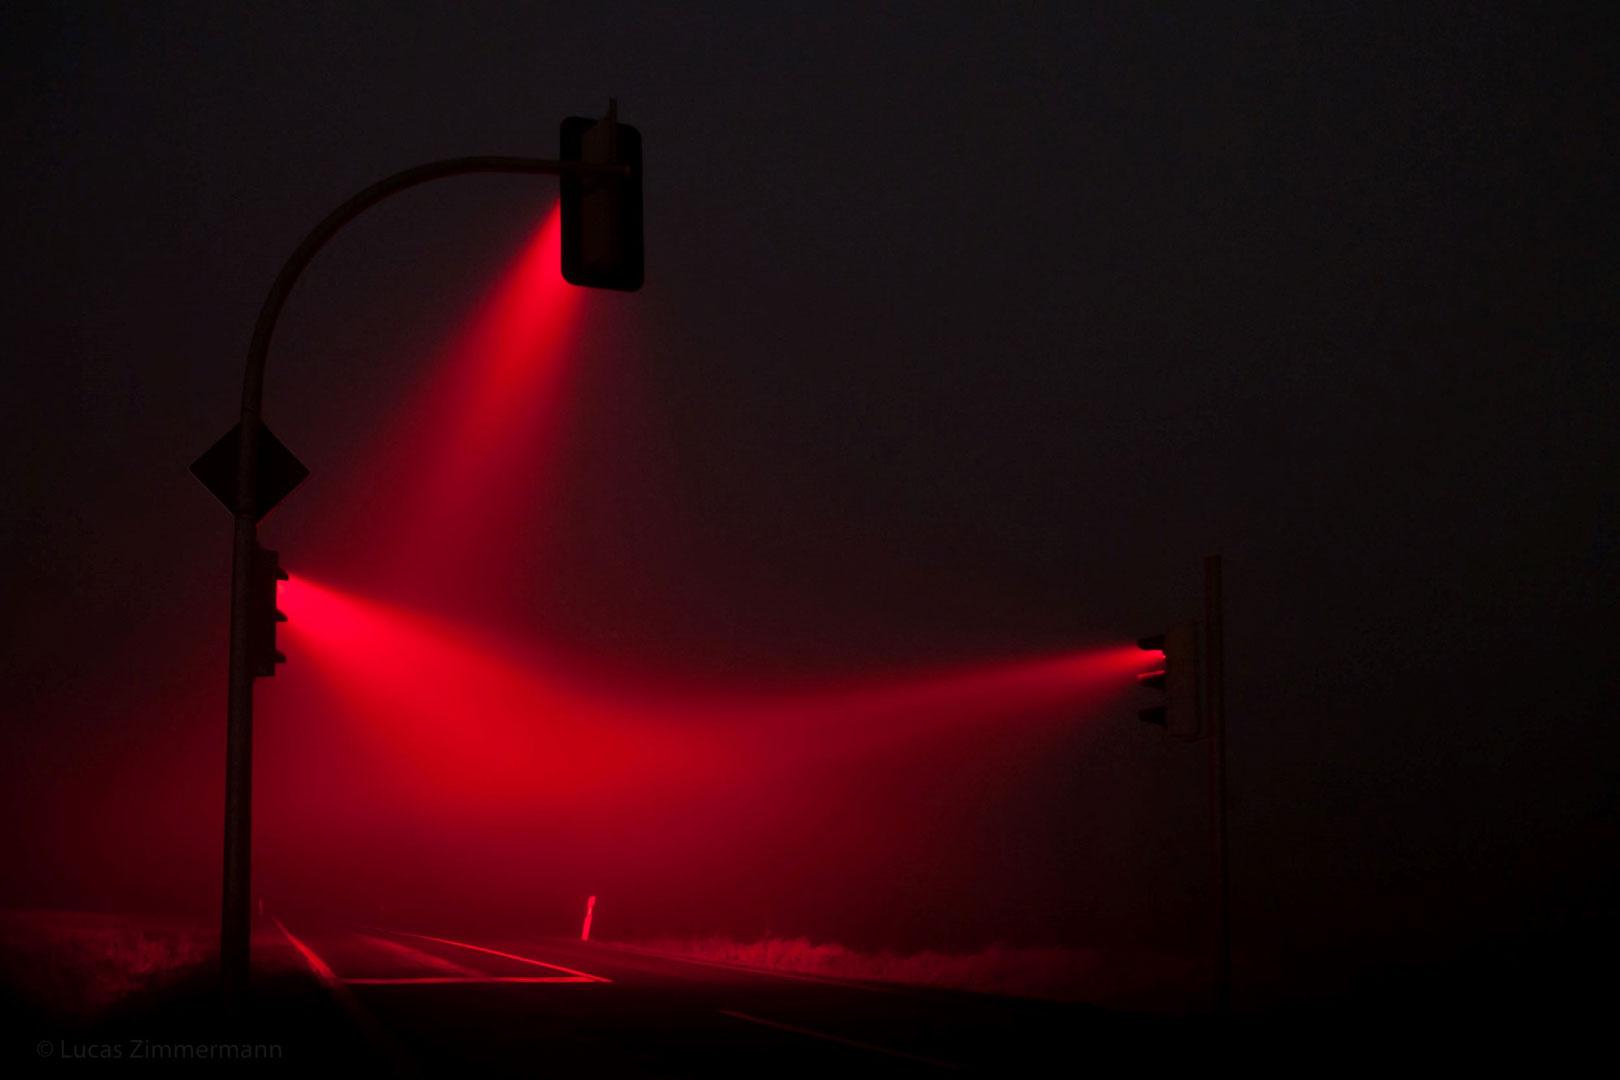 Ampel Signallichter von Lucas Zimmermann